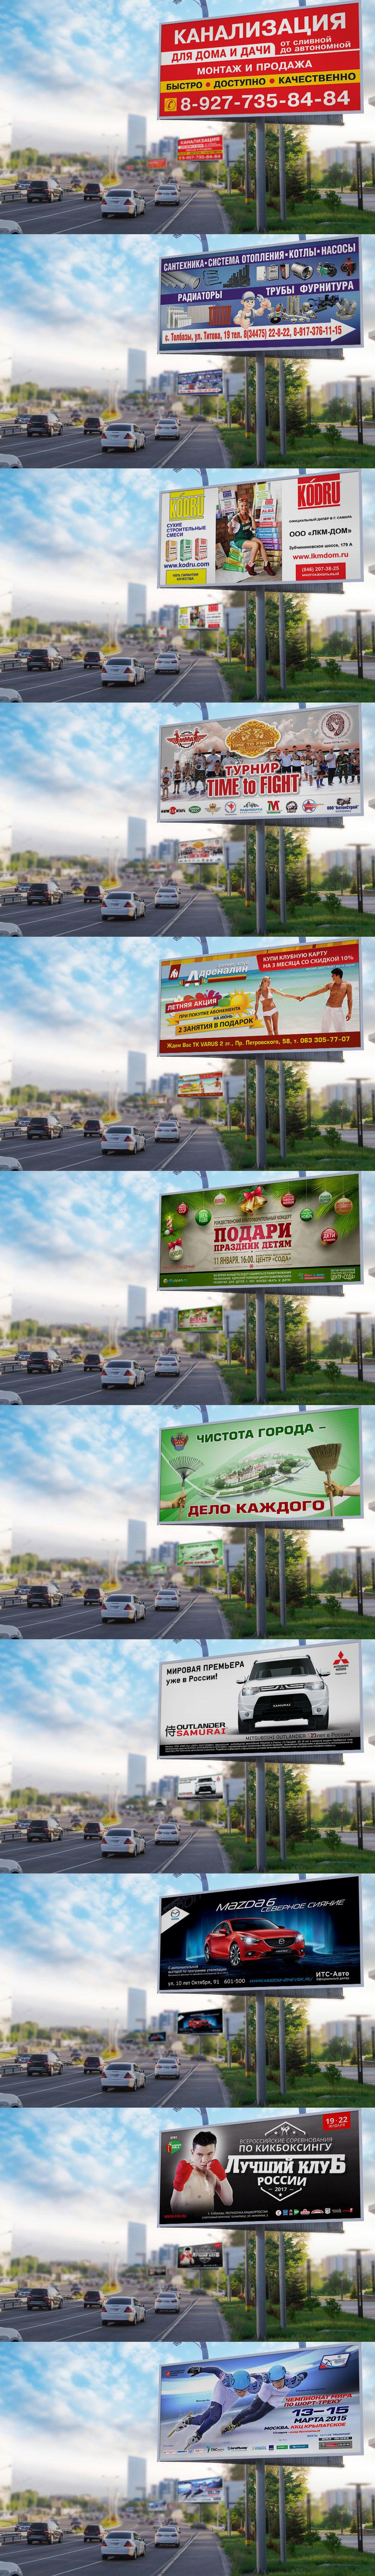 Дизайн наружной рекламы. Билборды, баннеры, вывески